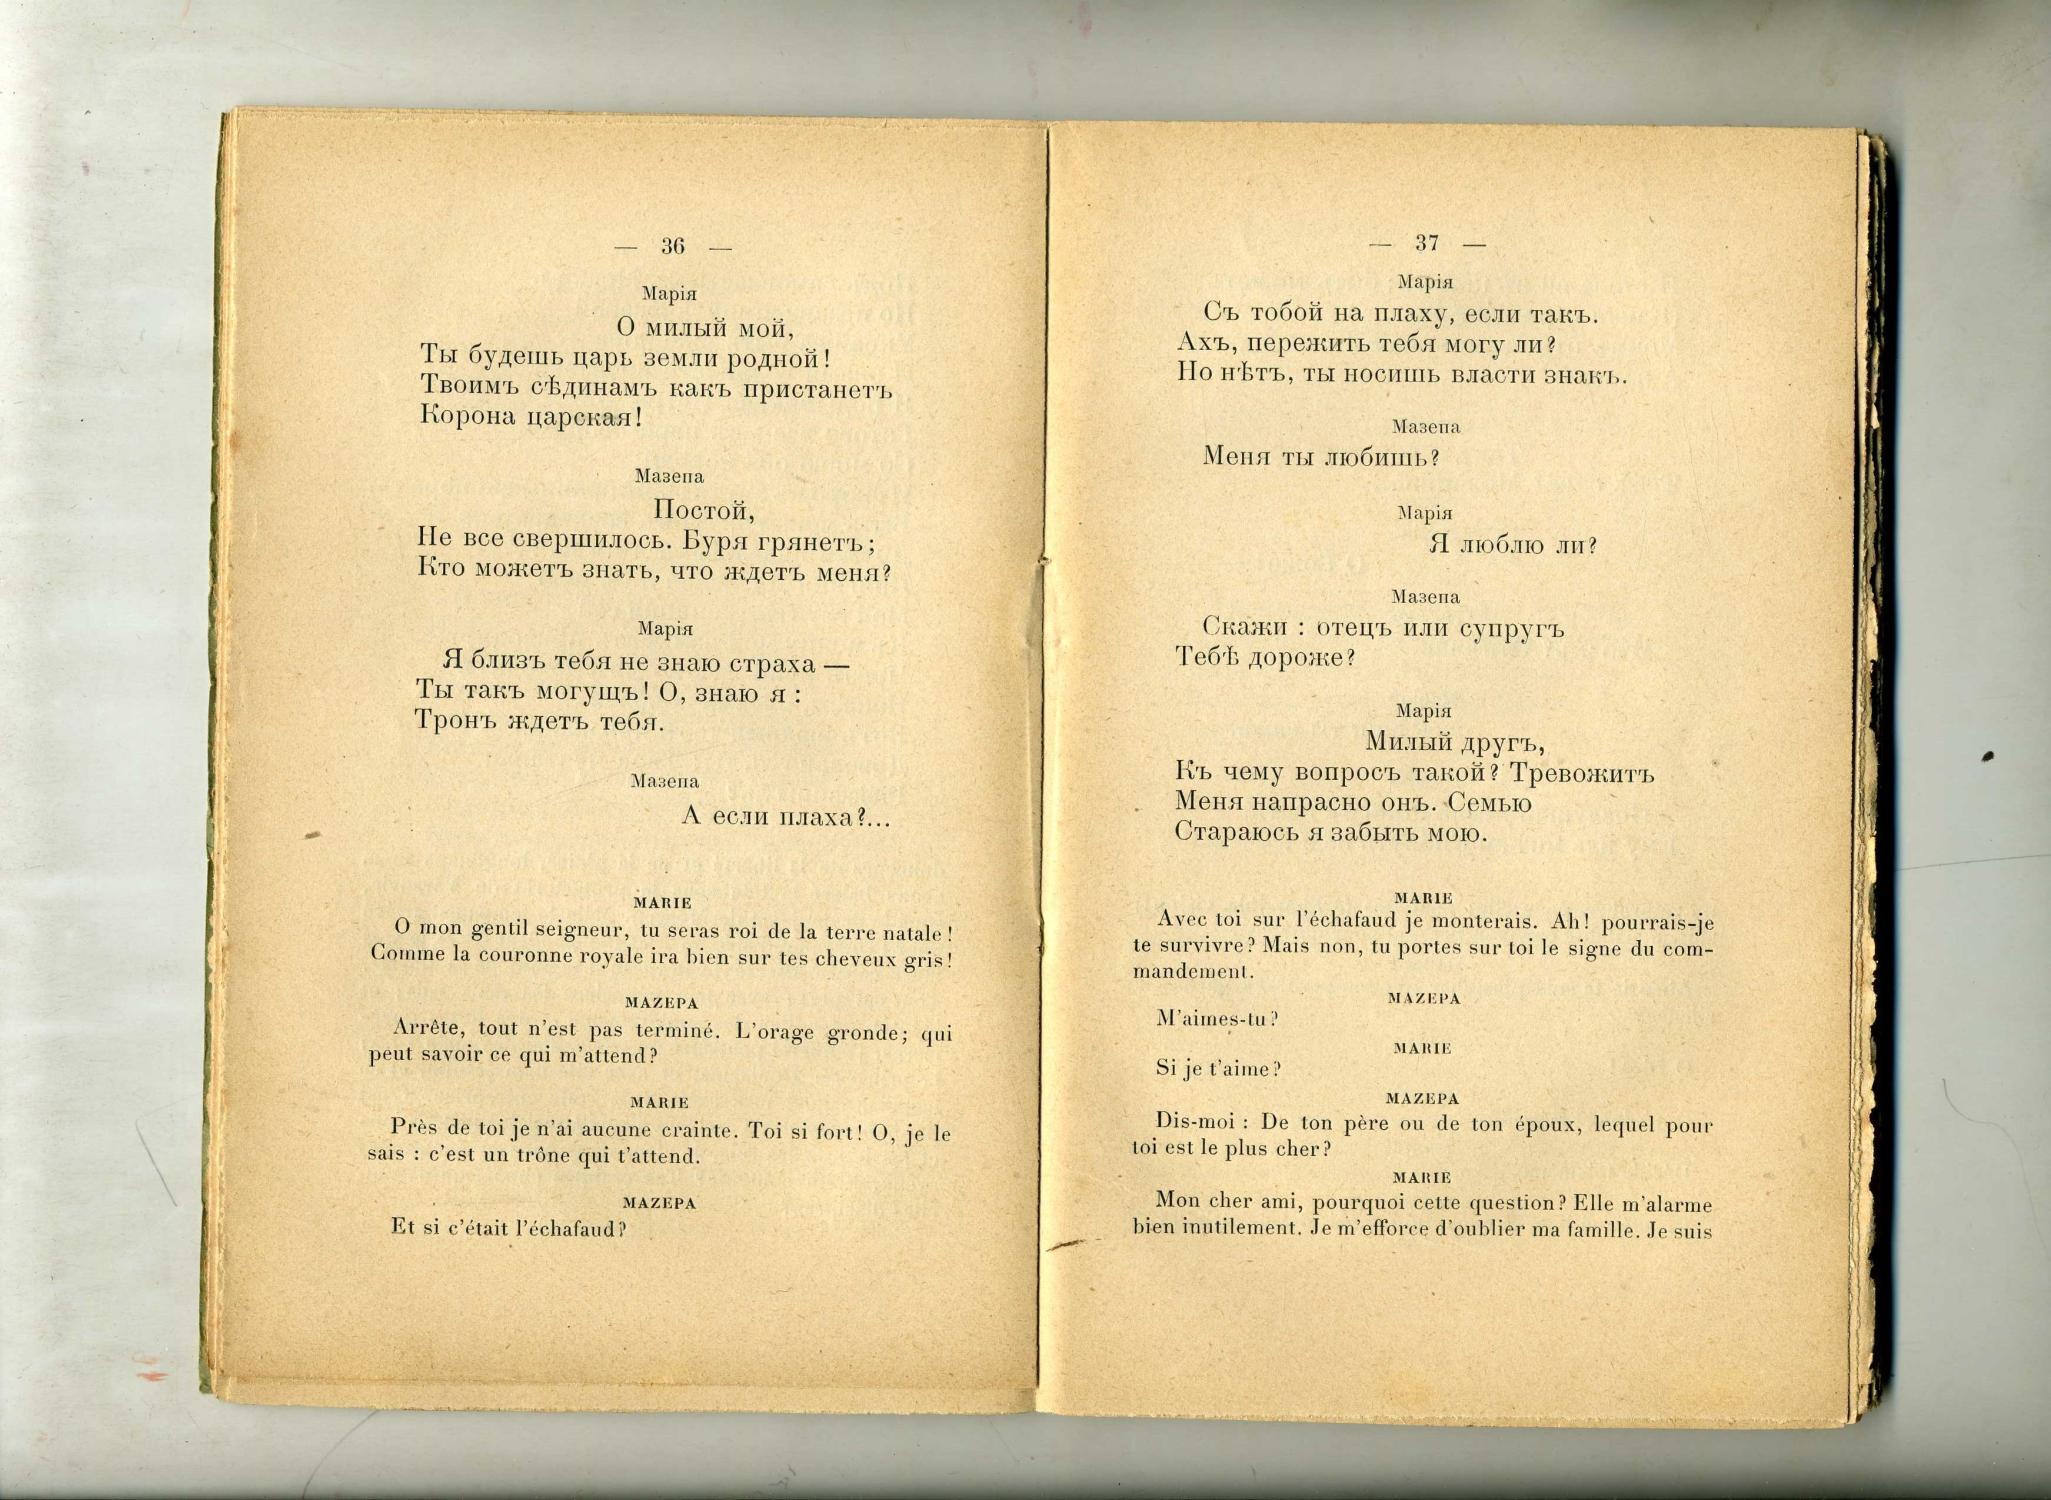 Les Classiques Russes Texte Russe Traduction